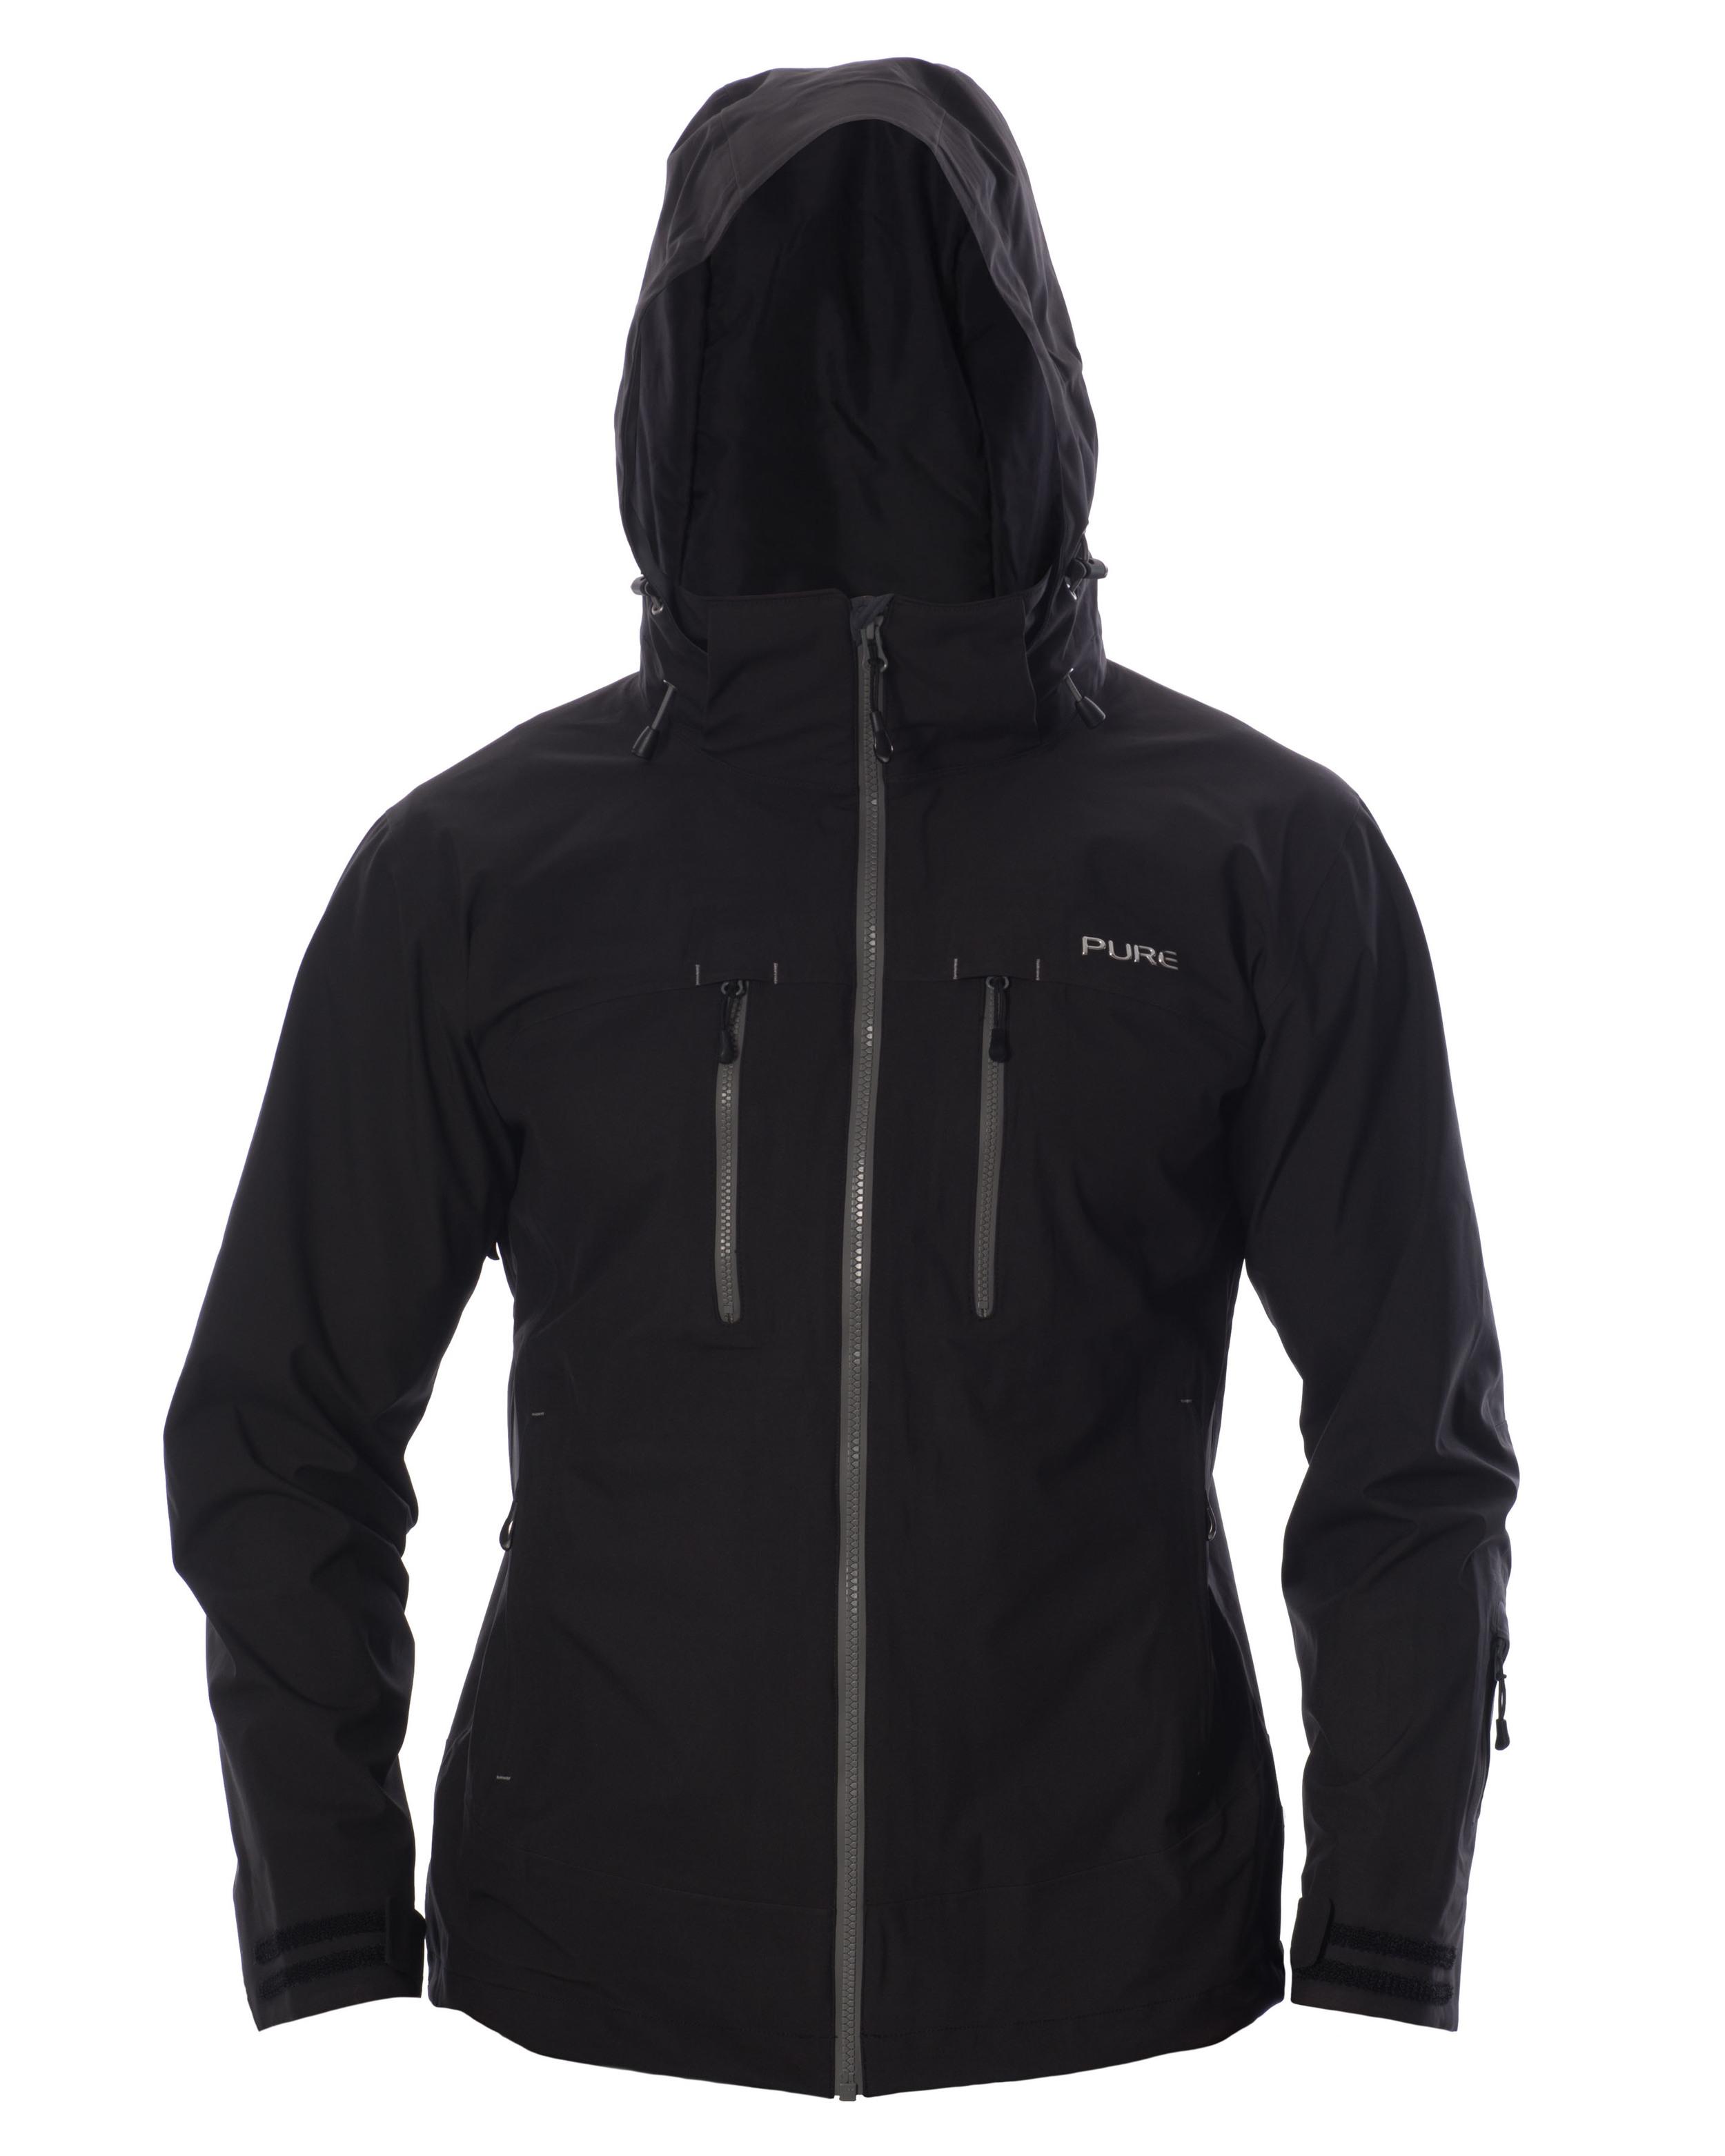 Copy of Everest Men's Jacket - Black / Ebony Zips